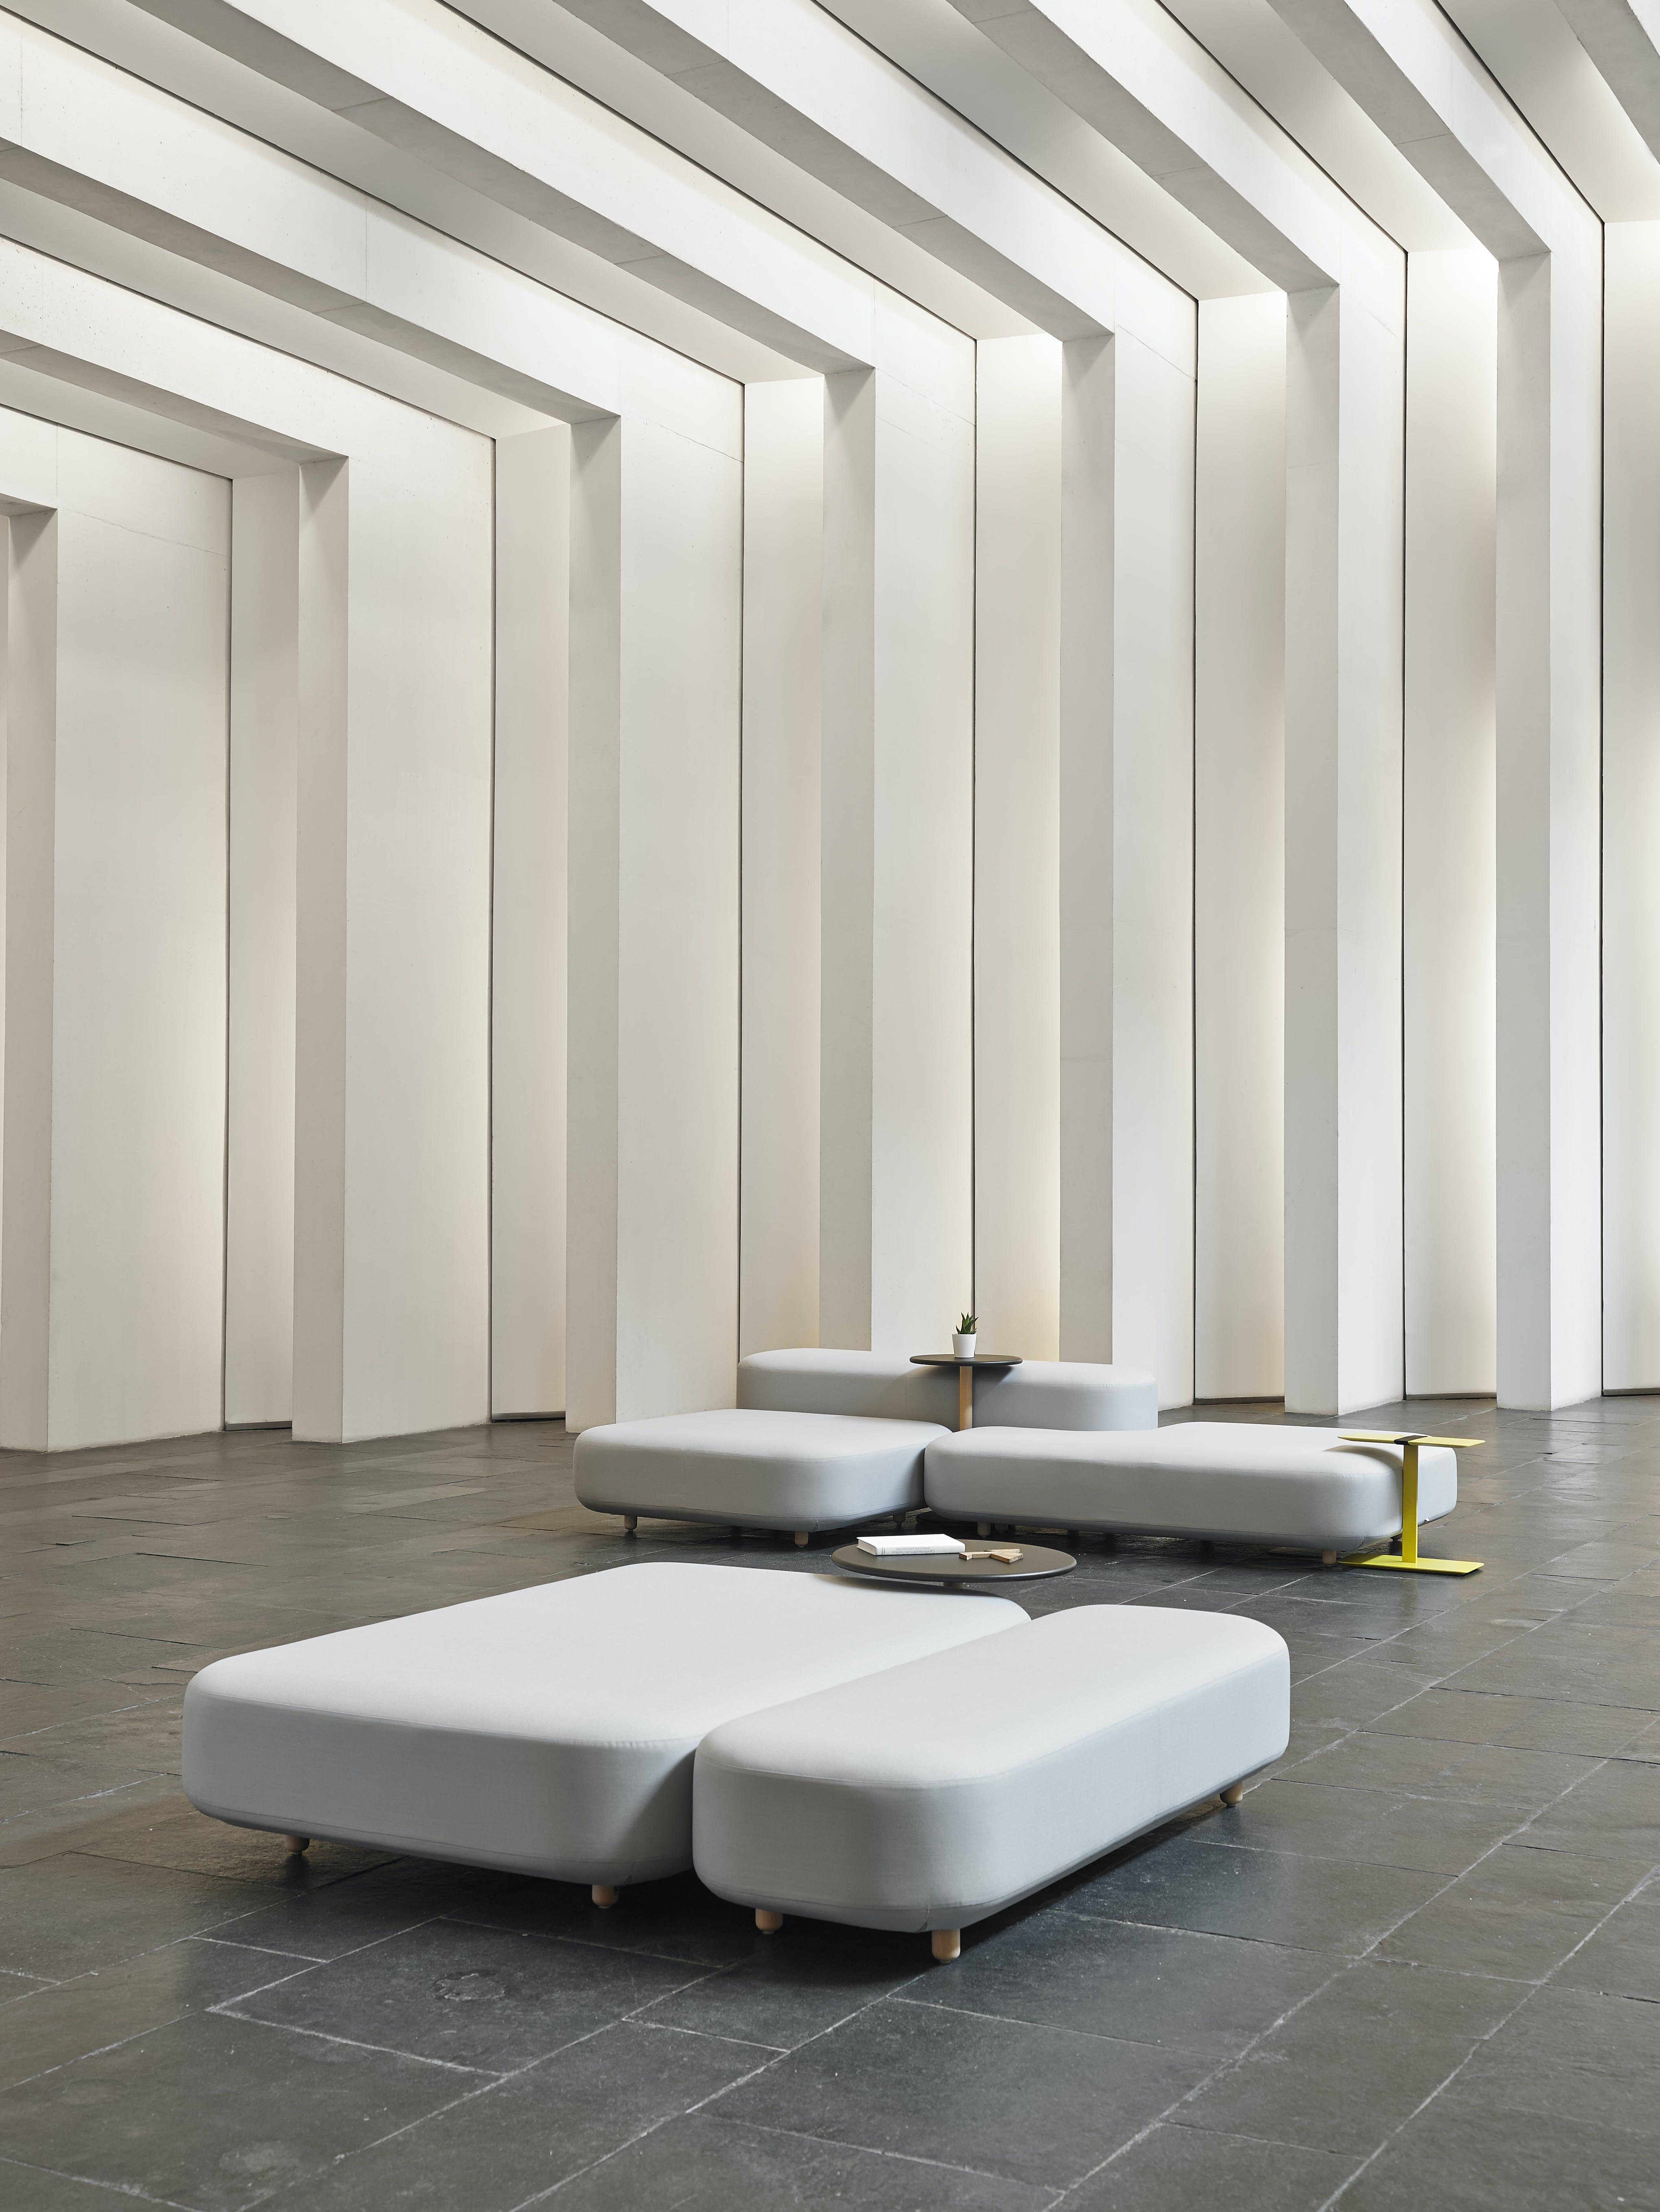 Viccarbe-Common-bench-by-Naoto-Fukasawa-6